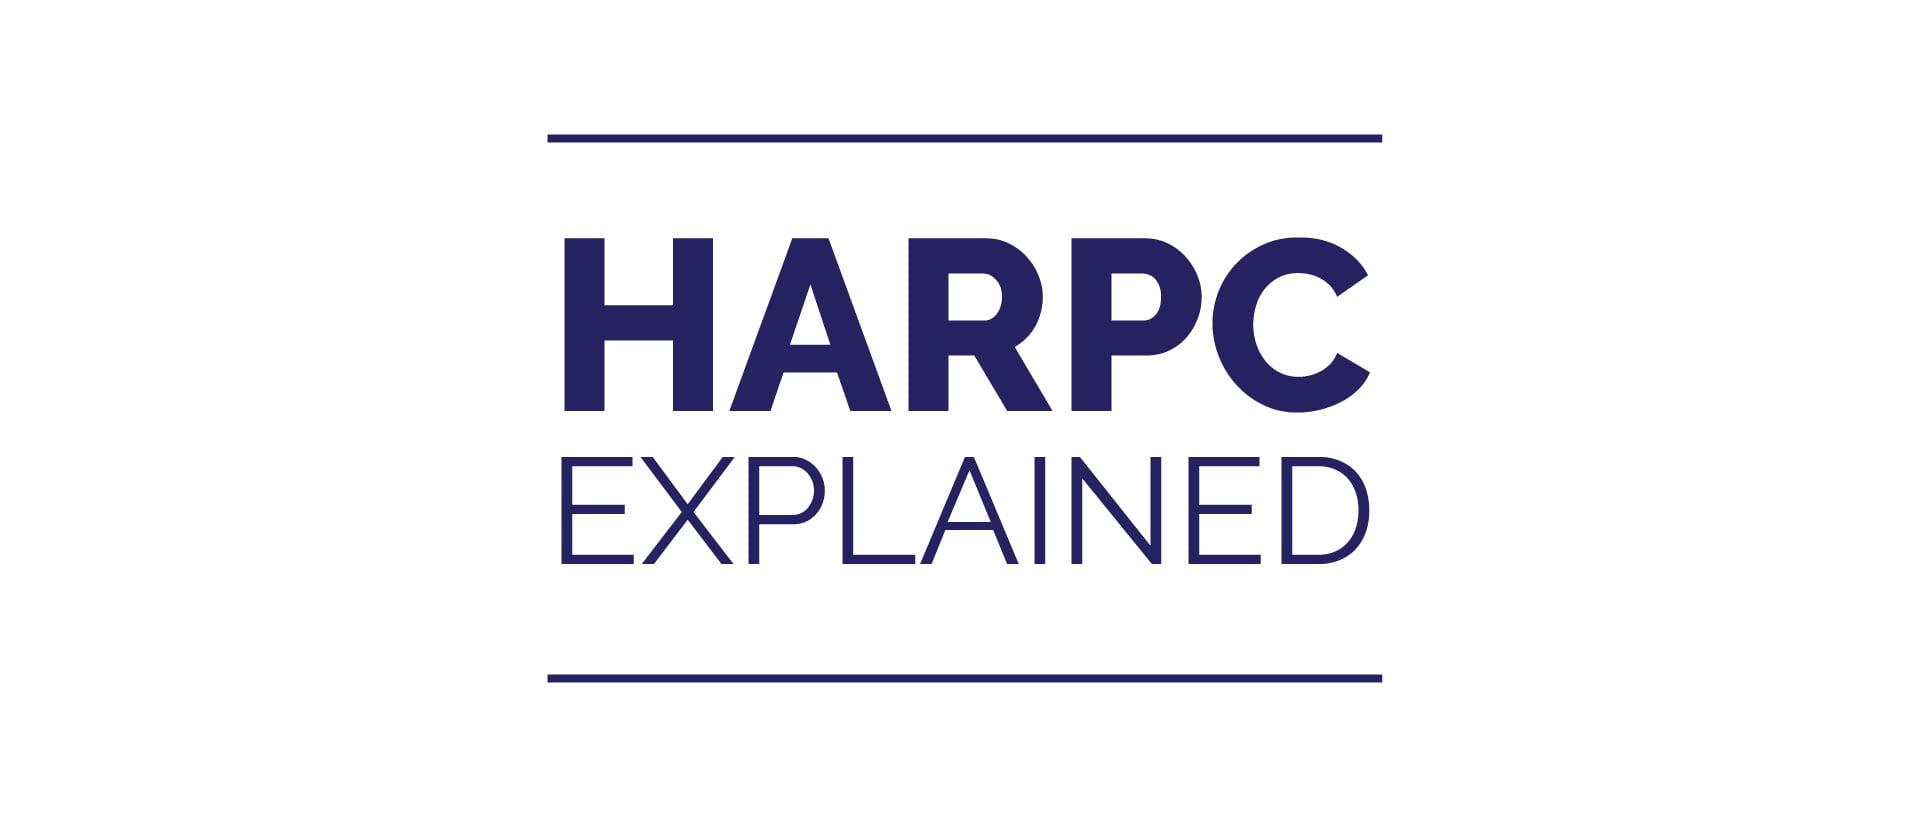 HARPC explained